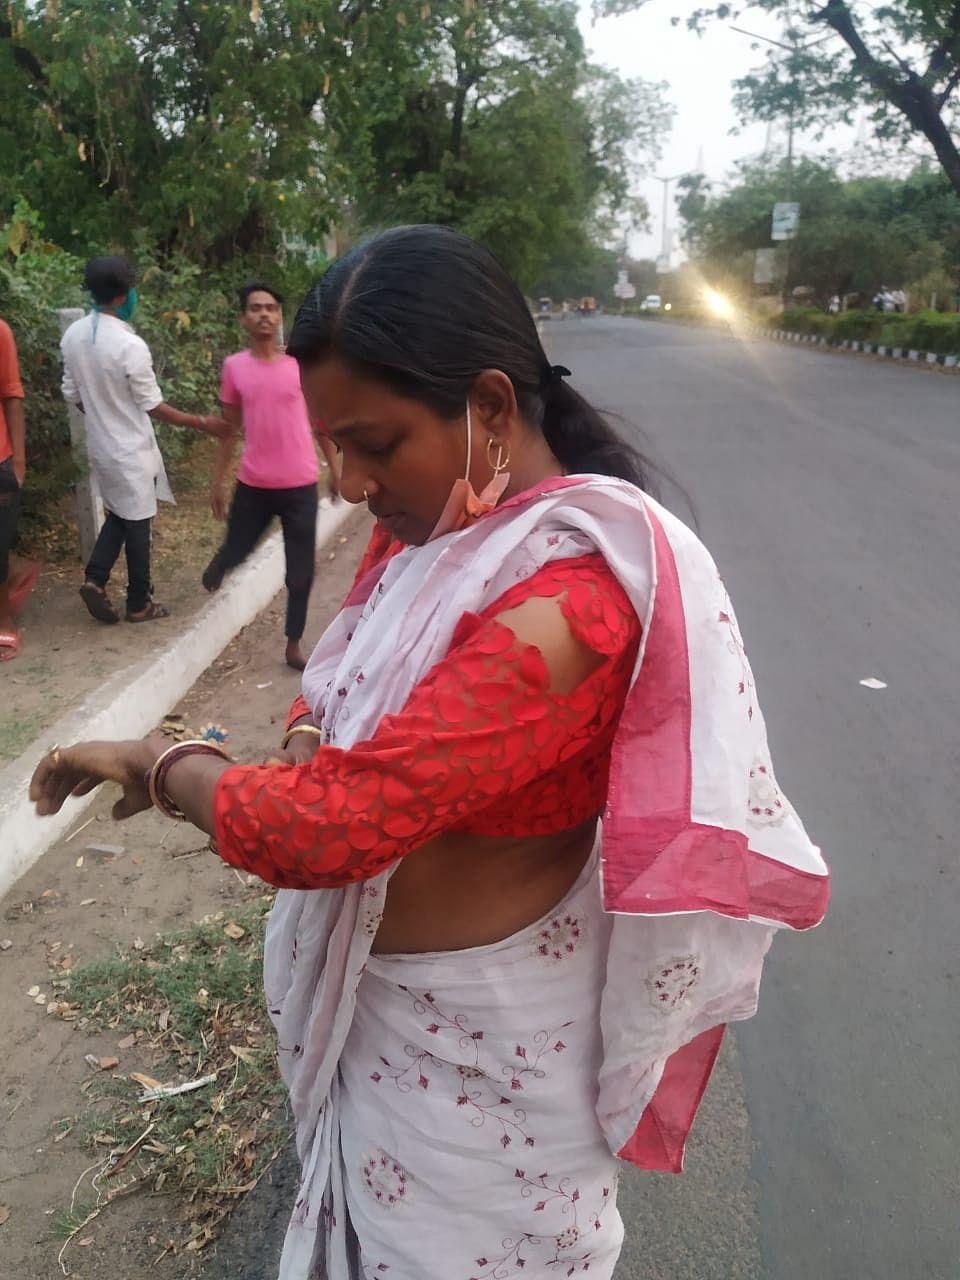 दुर्गापुर में चुनाव प्रचार के दौरान निर्दलीय कैंडिडेट पर हमला, बीजेपी पर आरोप